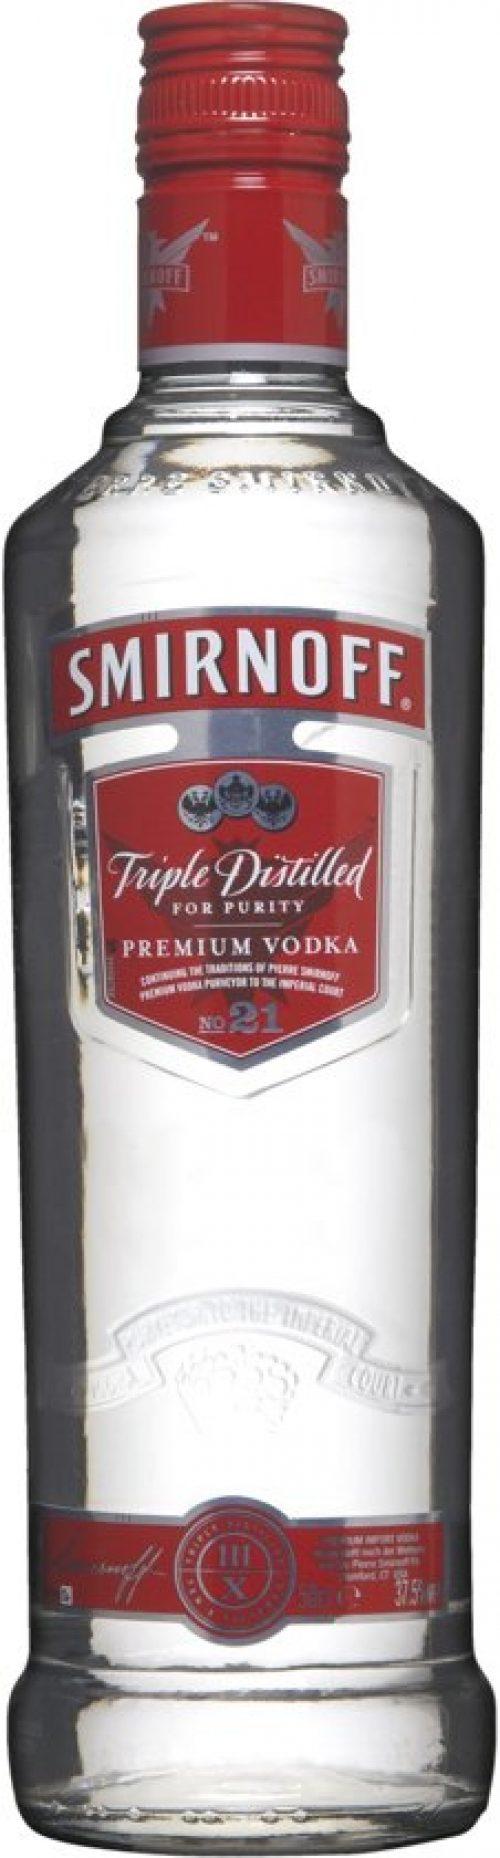 Smirnoff Vodka No 21 - 1 x 50 cl